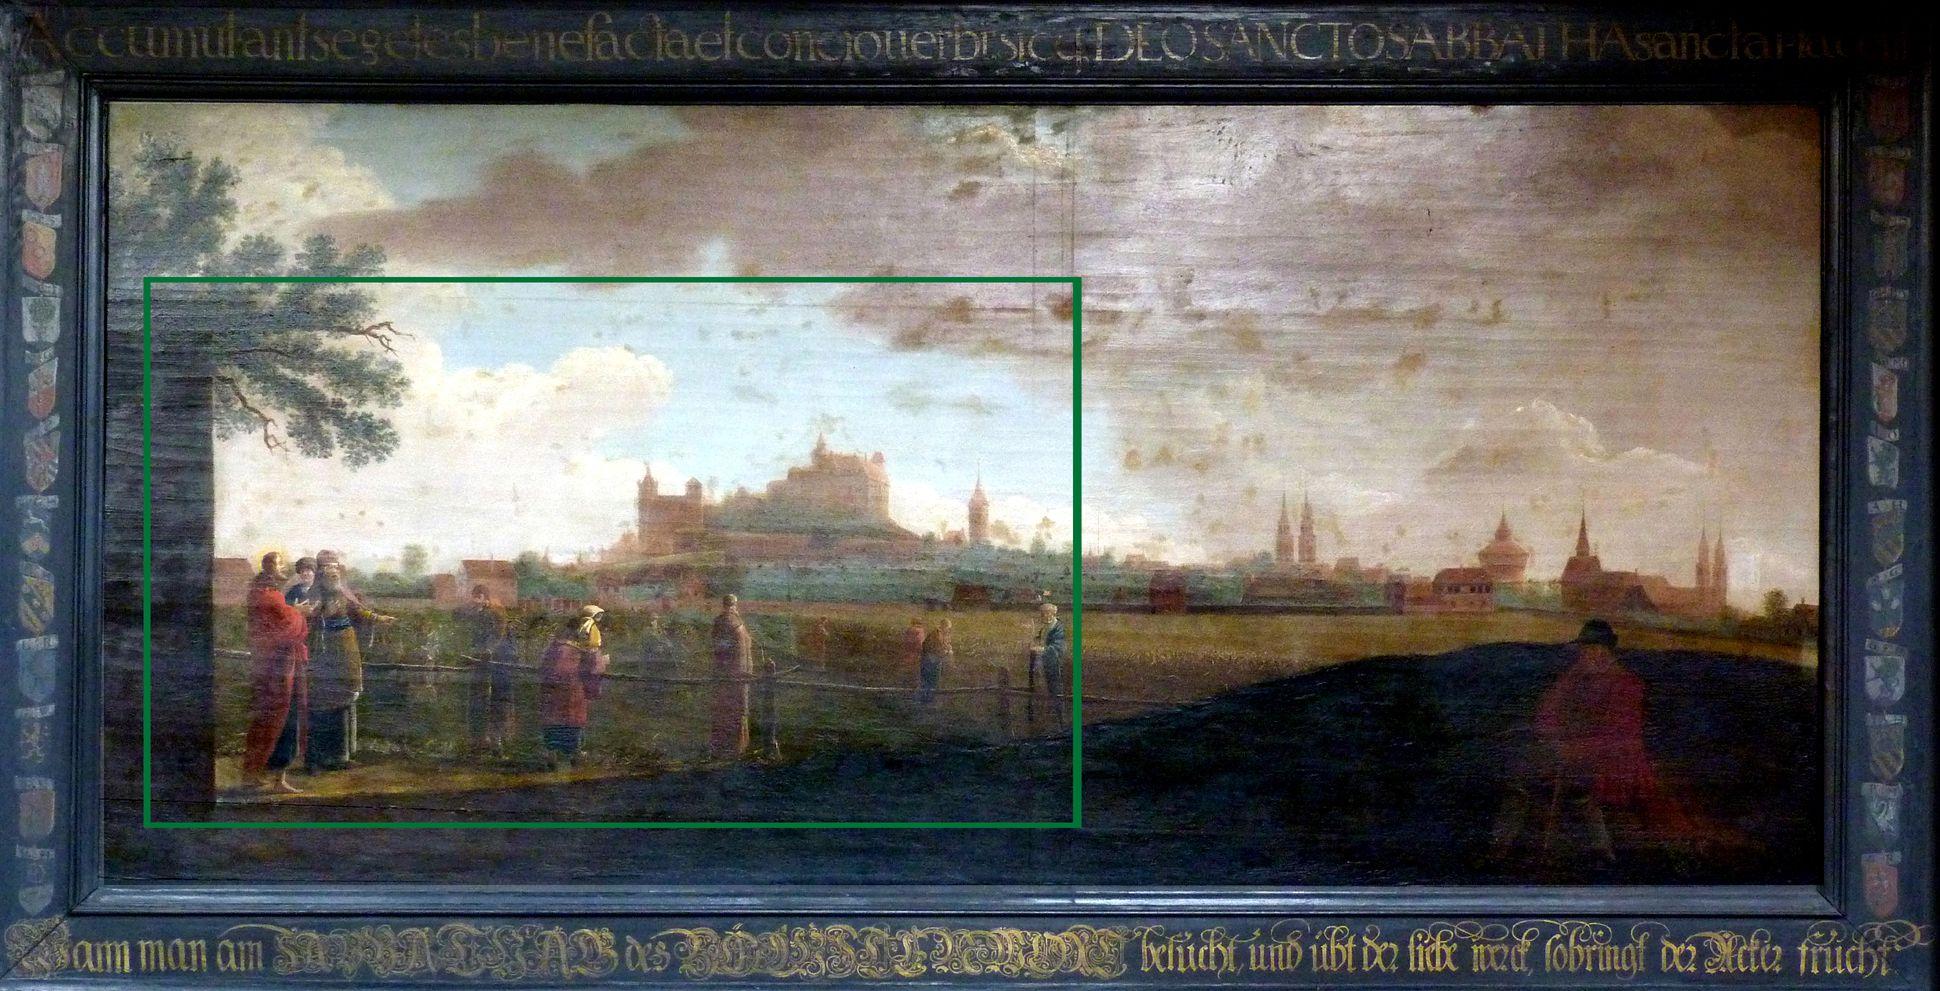 Prospect der Johannes_Felder bei Nürnberg Gemälde von Wittig in der Johanniskirche mit den von Dein wiedergegebenen Bildausschnitt